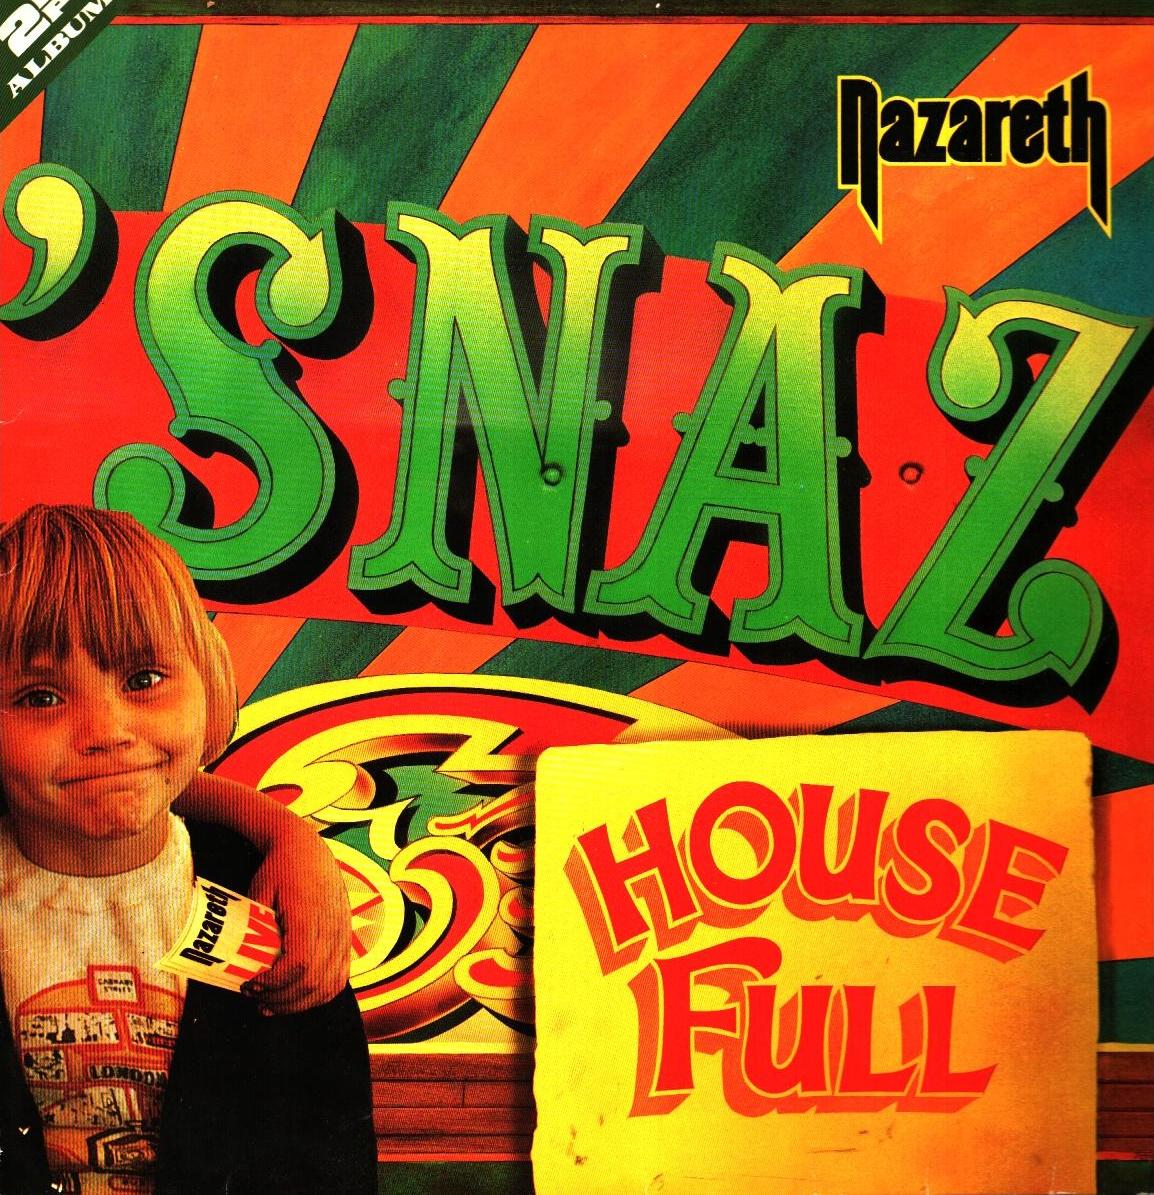 Snaz [Live] [2 Vinyl]: Nazareth: